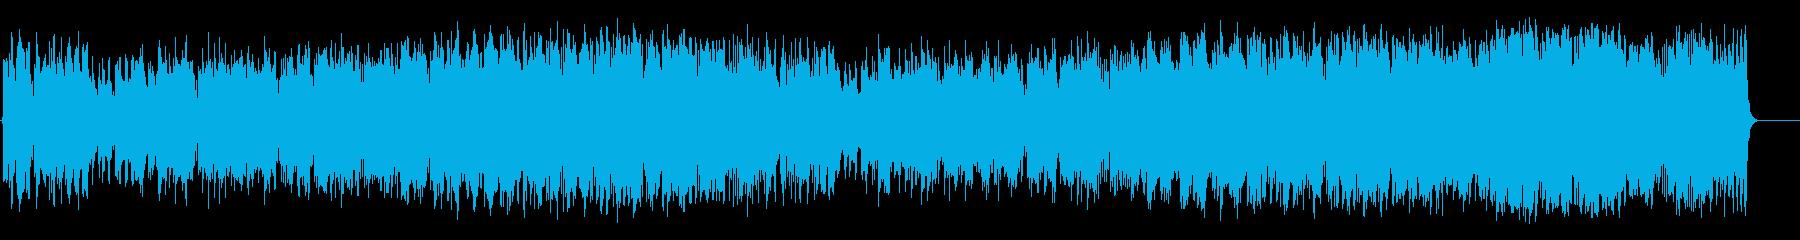 春を思わせるセミ・クラ(フルサイズ)の再生済みの波形